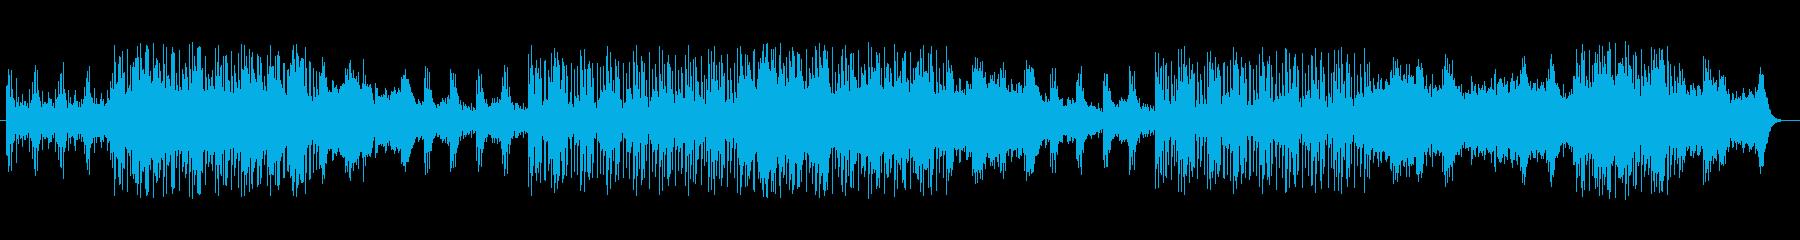 不思議な音階のアジアなシンセサイザーの曲の再生済みの波形